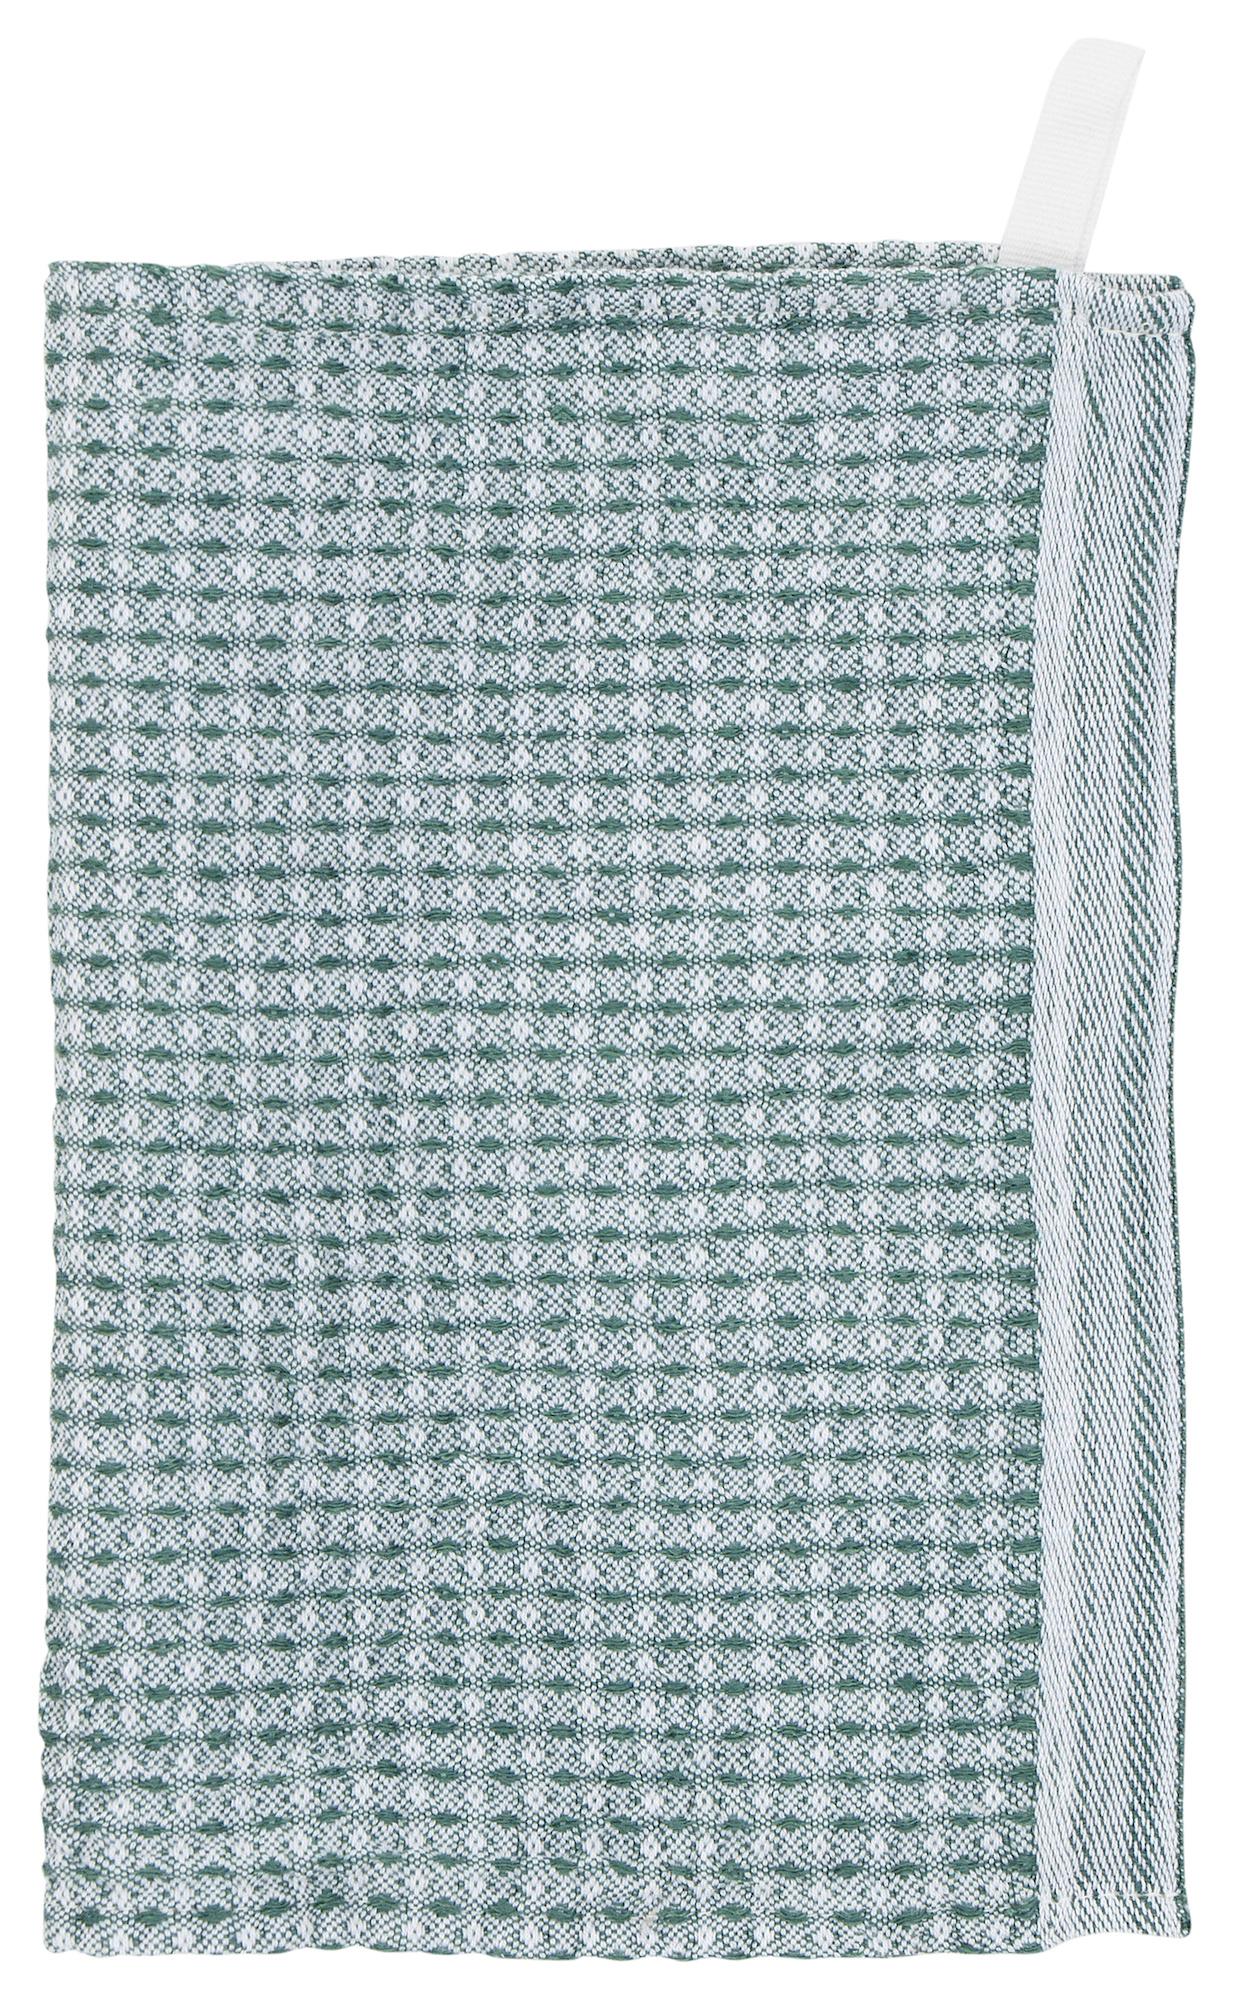 MAIJA vaatdoekje - linnen, tencel & katoen - 5 kleuren